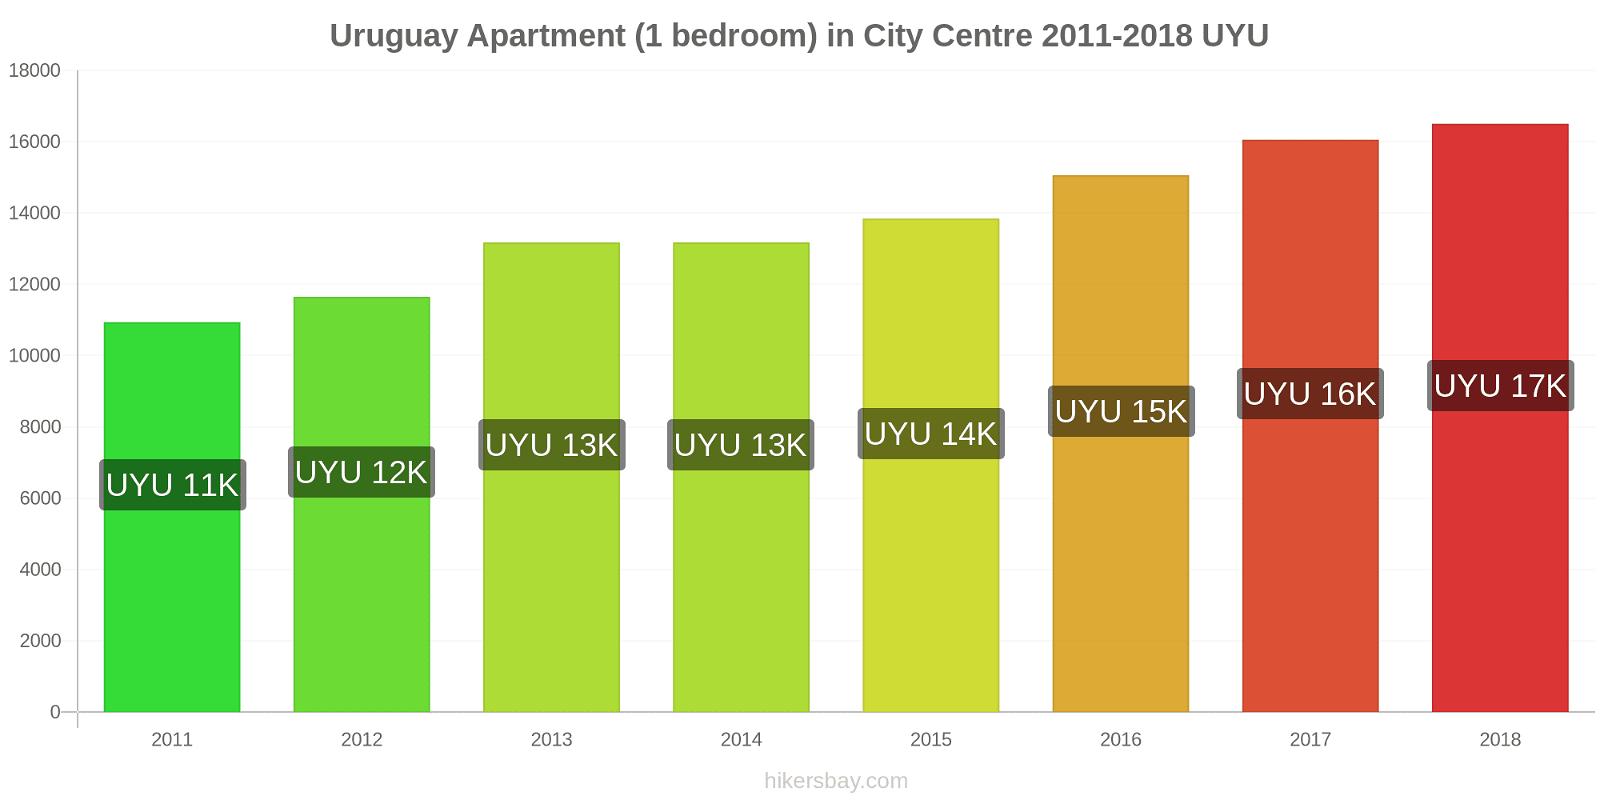 Uruguay price changes Apartment (1 bedroom) in City Centre hikersbay.com